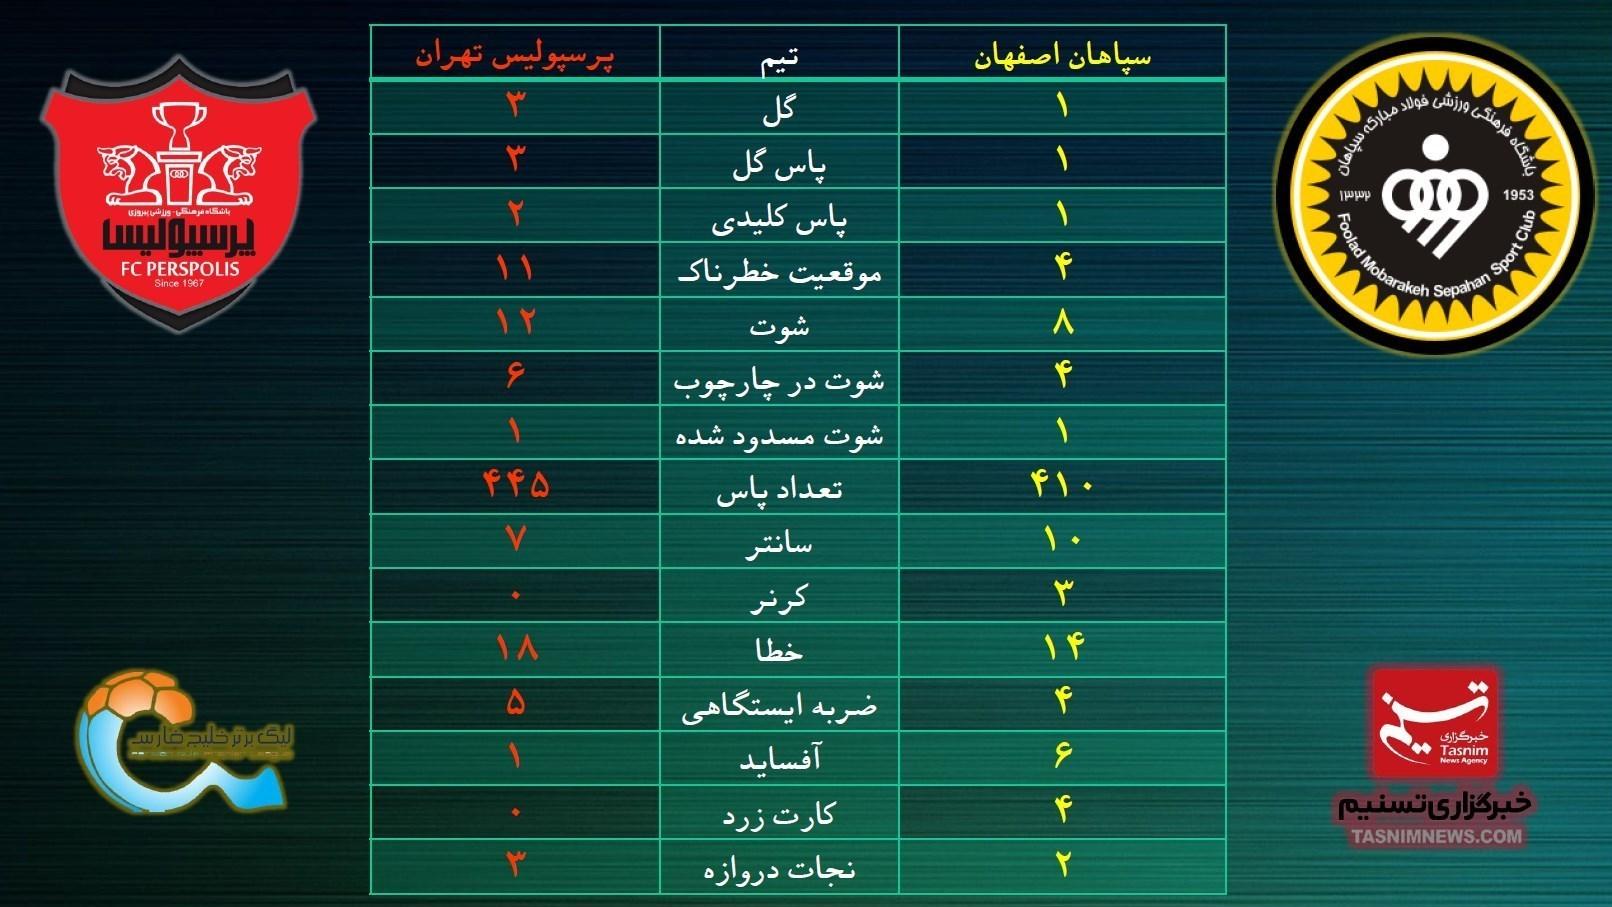 پرسپولیس در آمار هم برتر از سپاهان بود +عکس